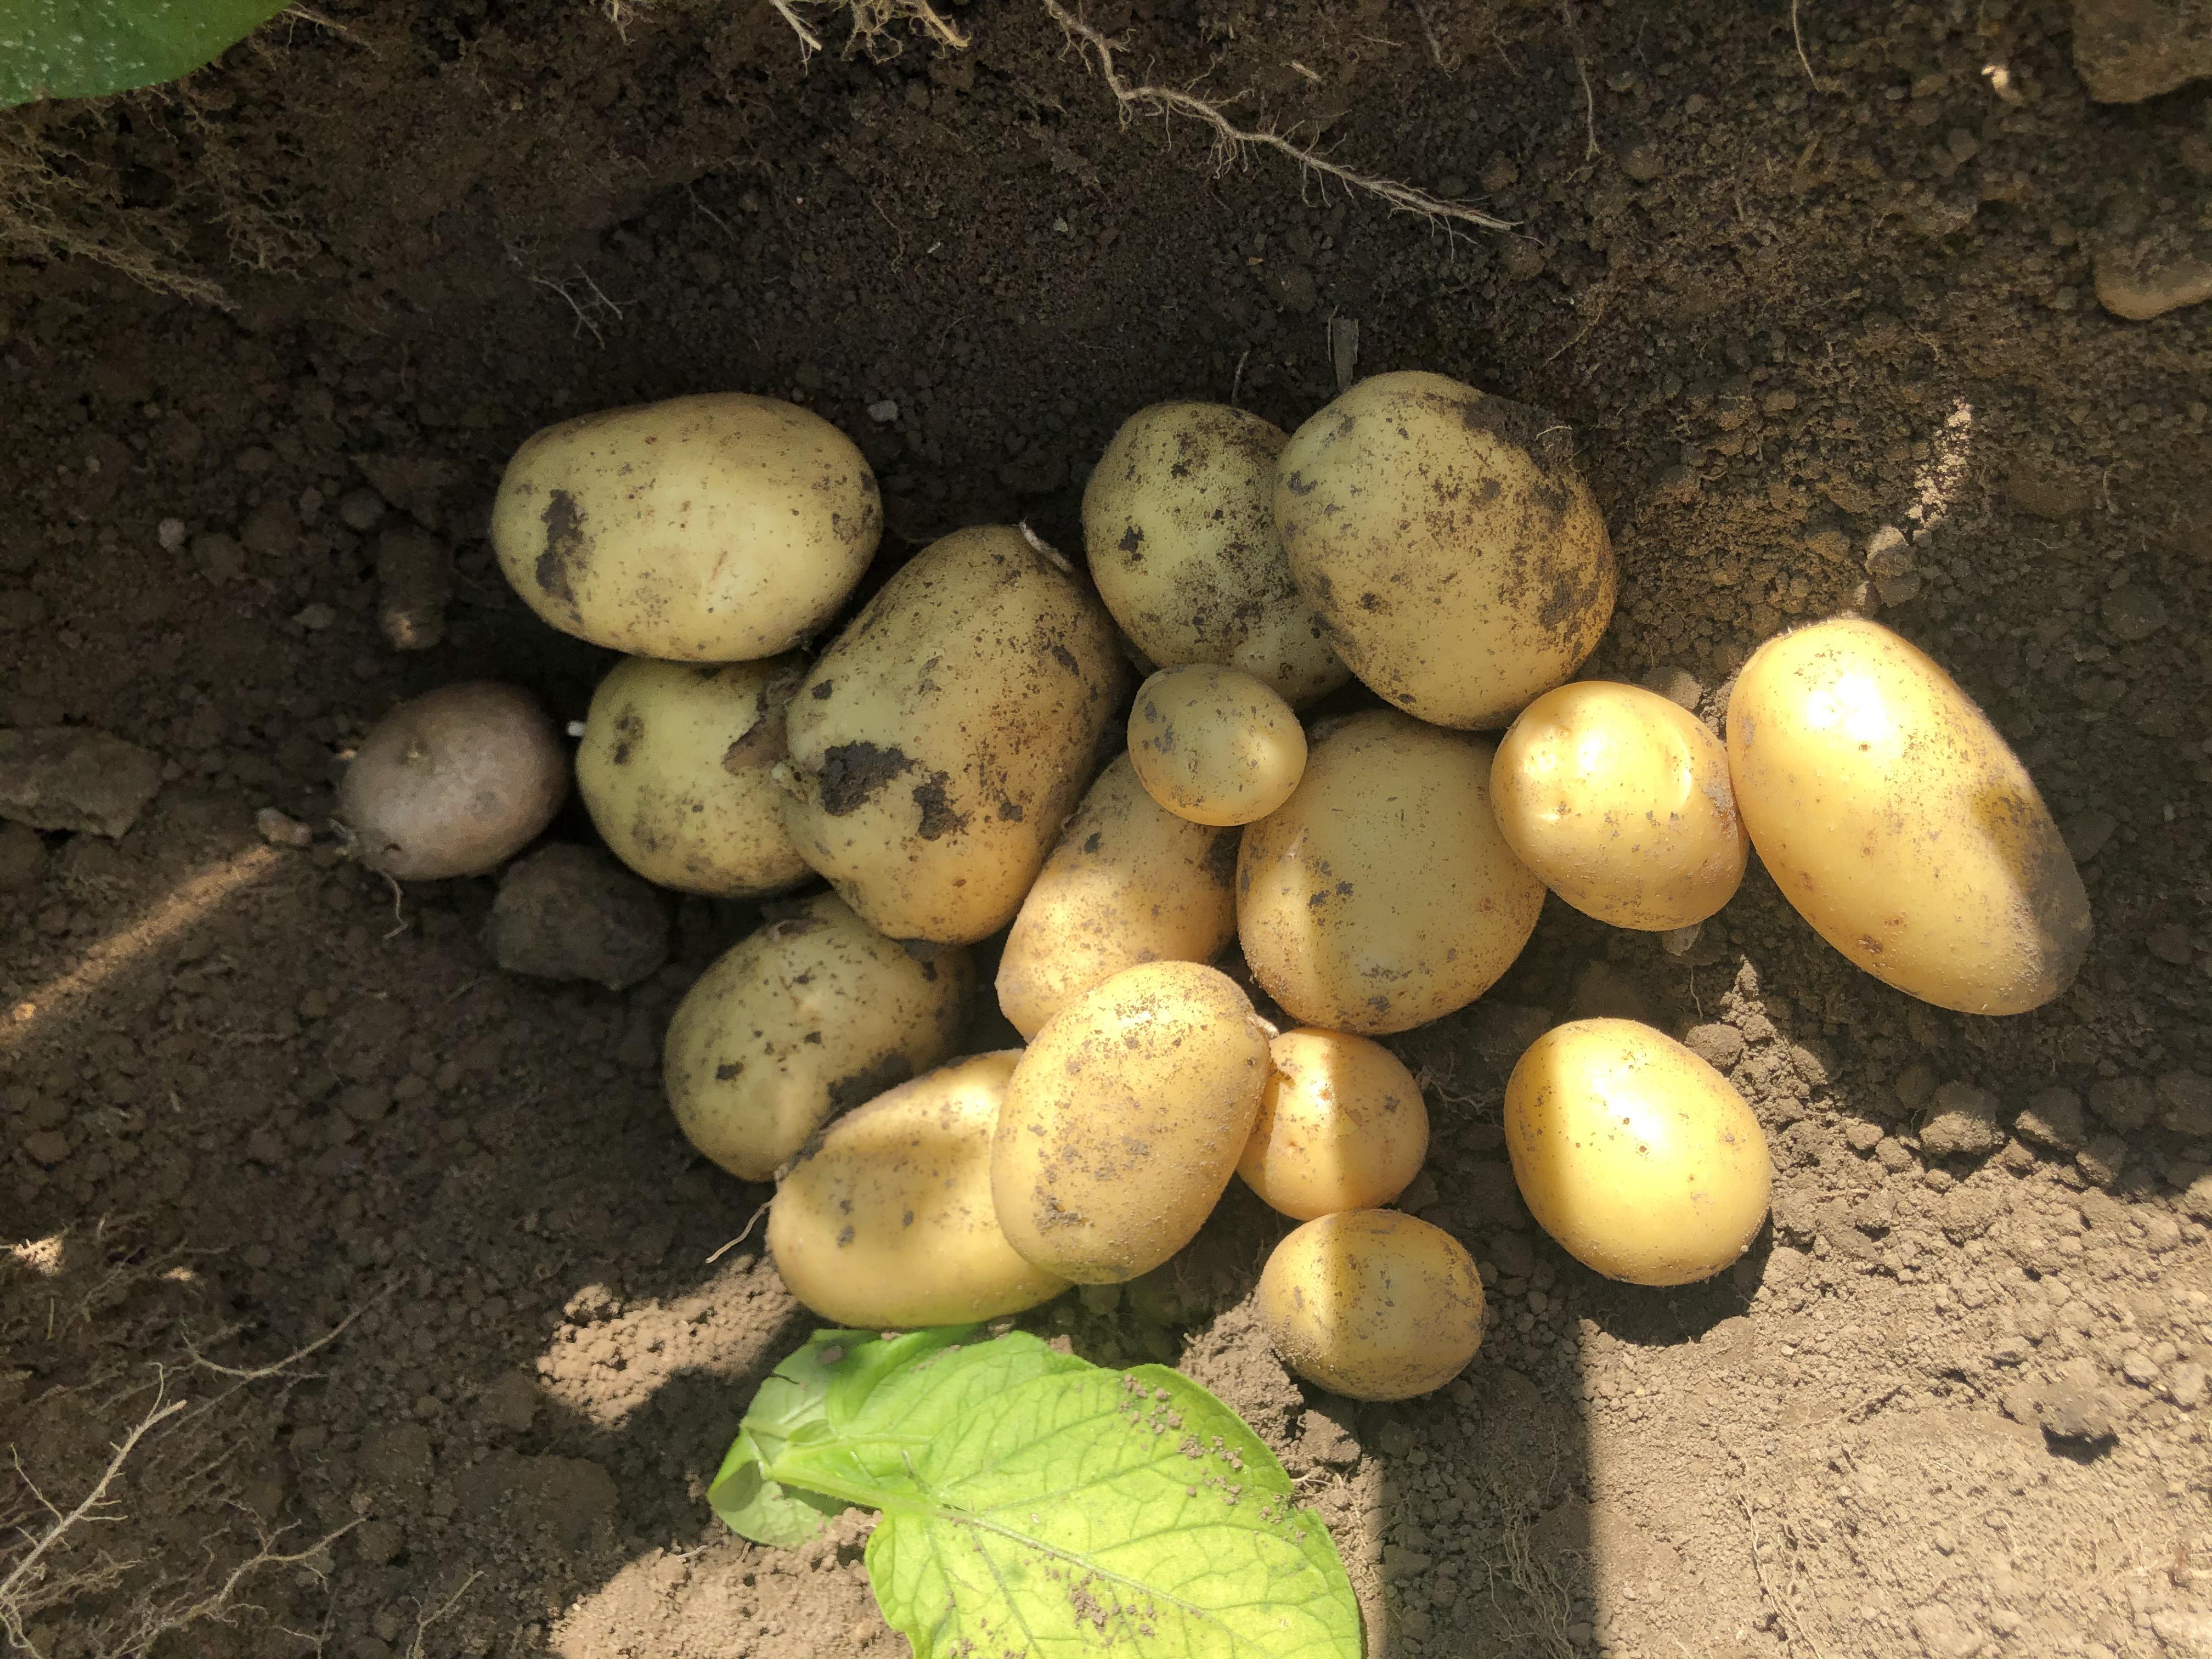 Probegrabung der Kartoffelsorte